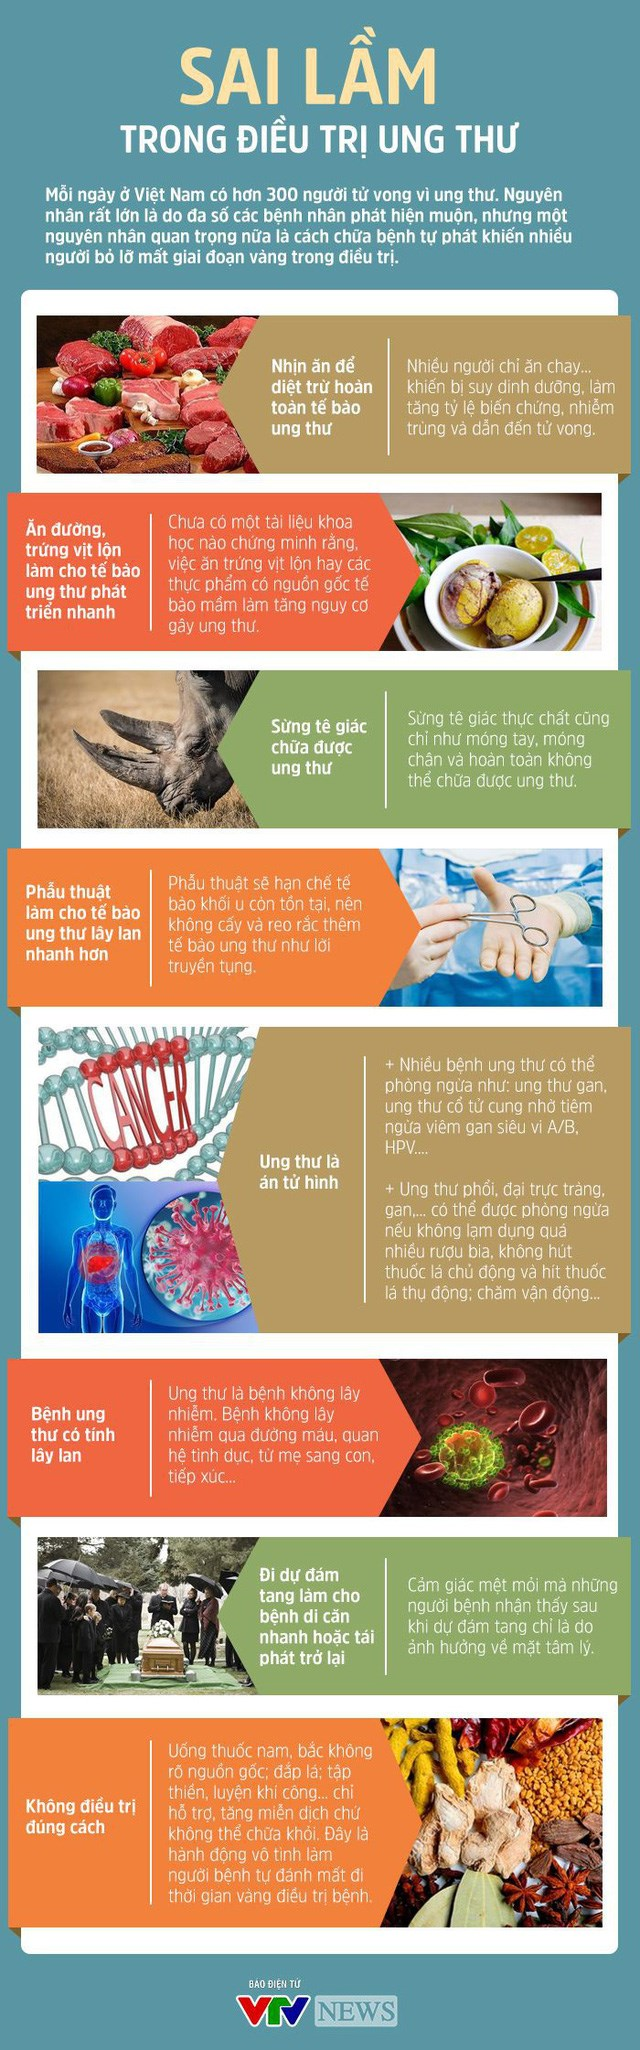 [Infographics] Sai lầm trong điều trị ung thư - Ảnh 1